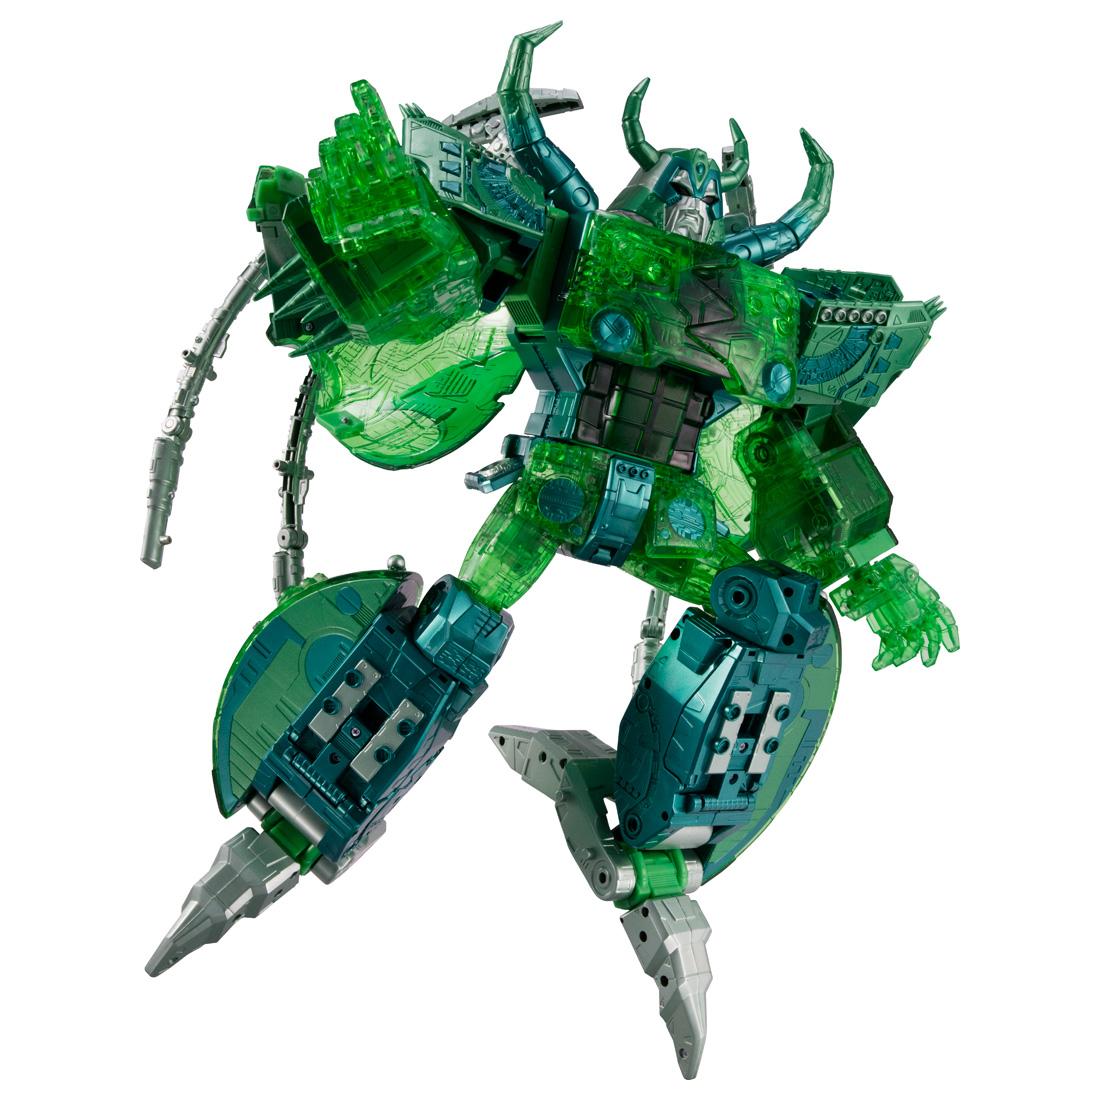 トランスフォーマー アンコール『ユニクロン(マイクロン集合体カラー)』可変可動フィギュア-003